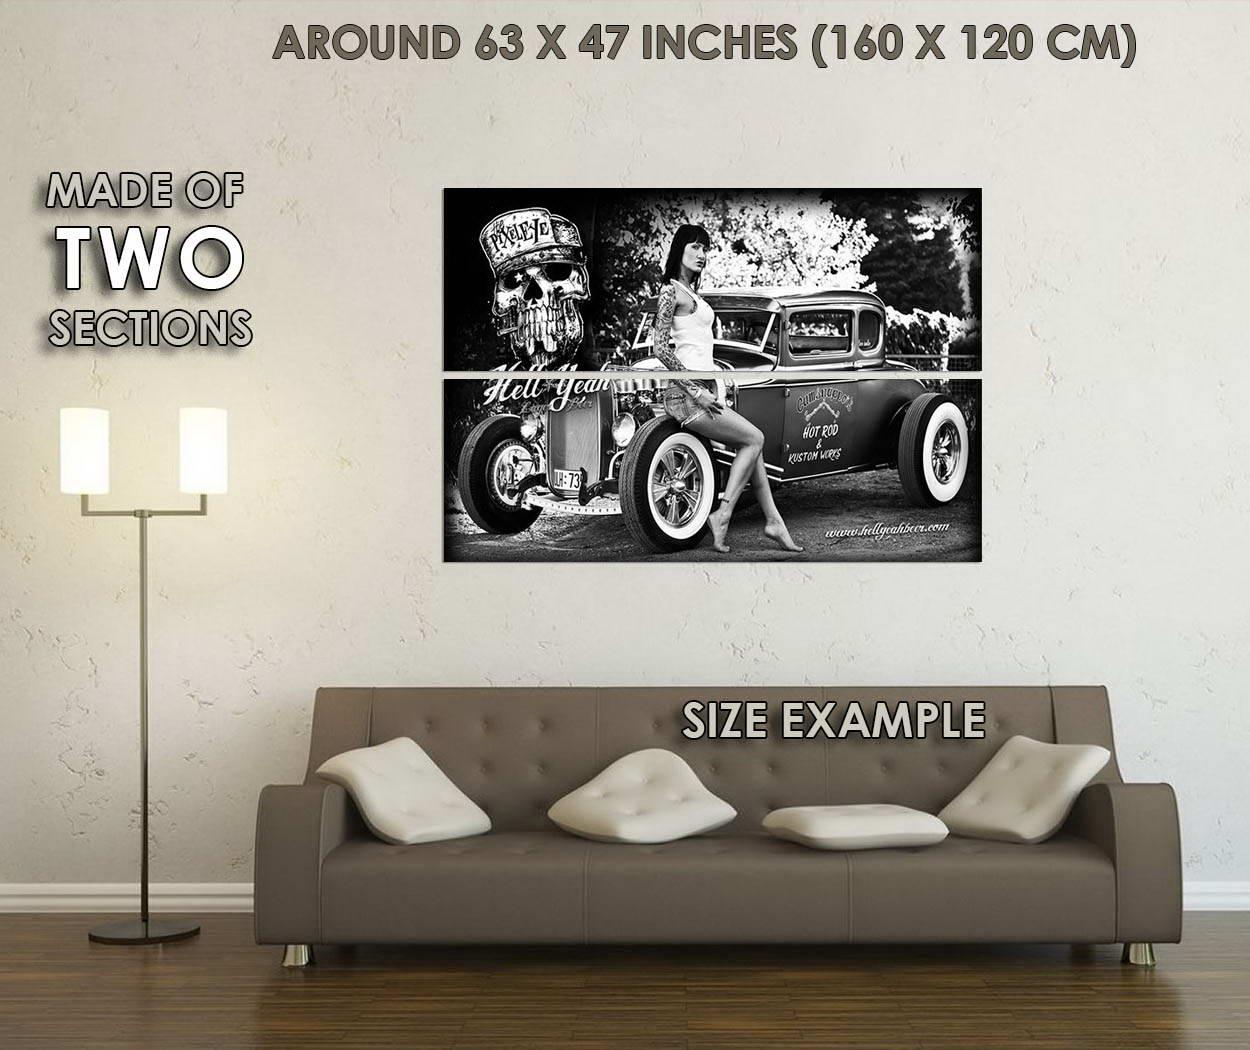 10614-Hot-Rod-Cars-And-Model-Girl-Nice-LAMINATED-POSTER-CA thumbnail 6